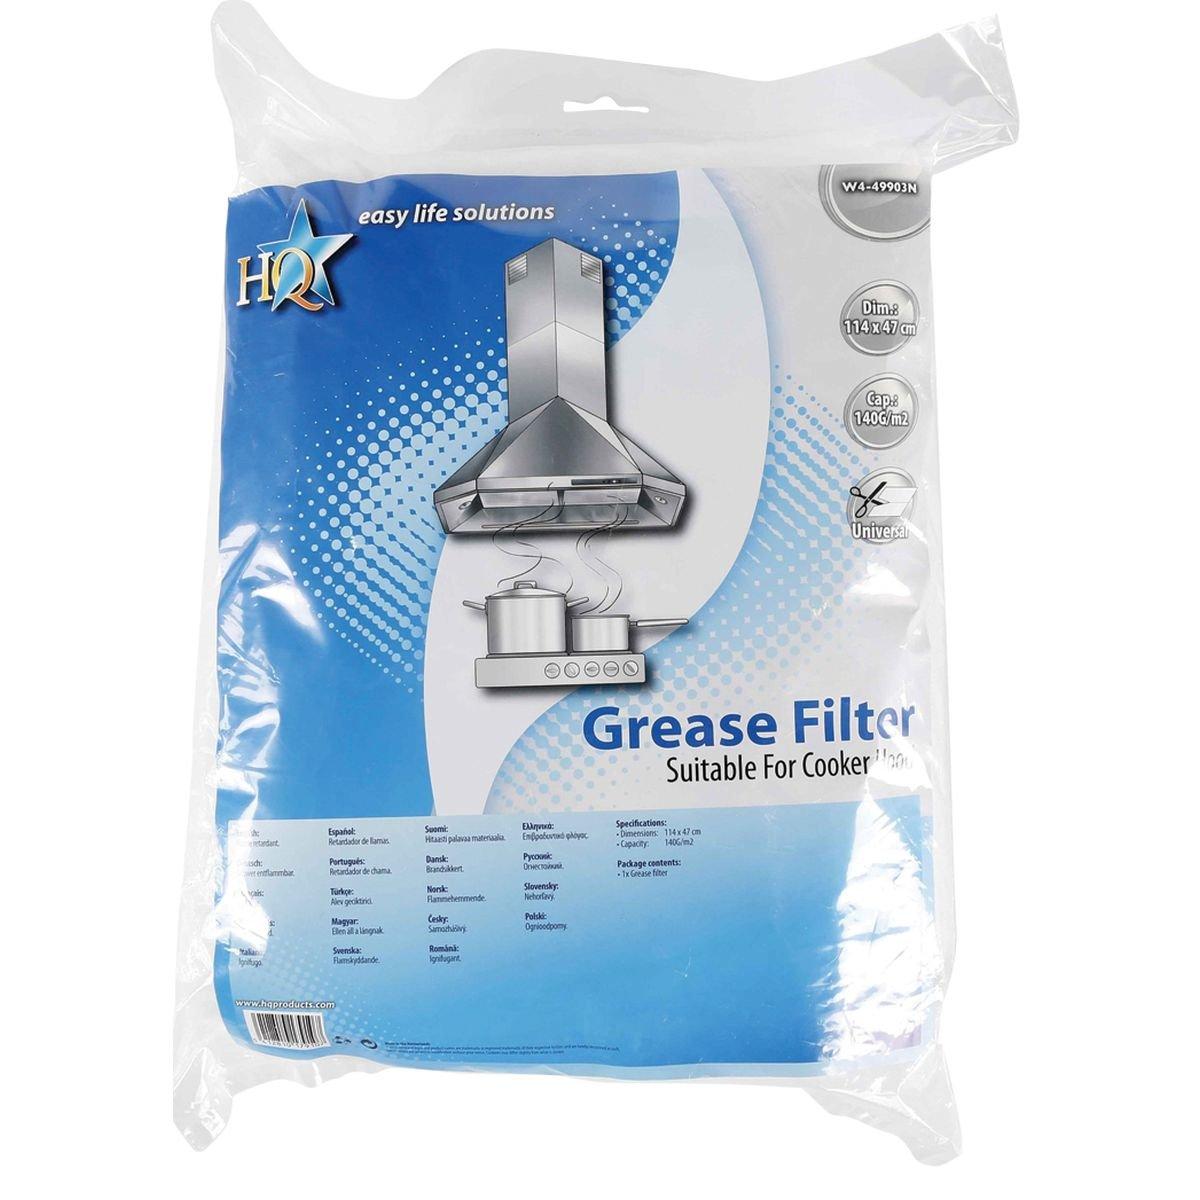 Filtro antigrasa universal para campana extractora de 114 x 47 cm: Amazon.es: Grandes electrodomésticos